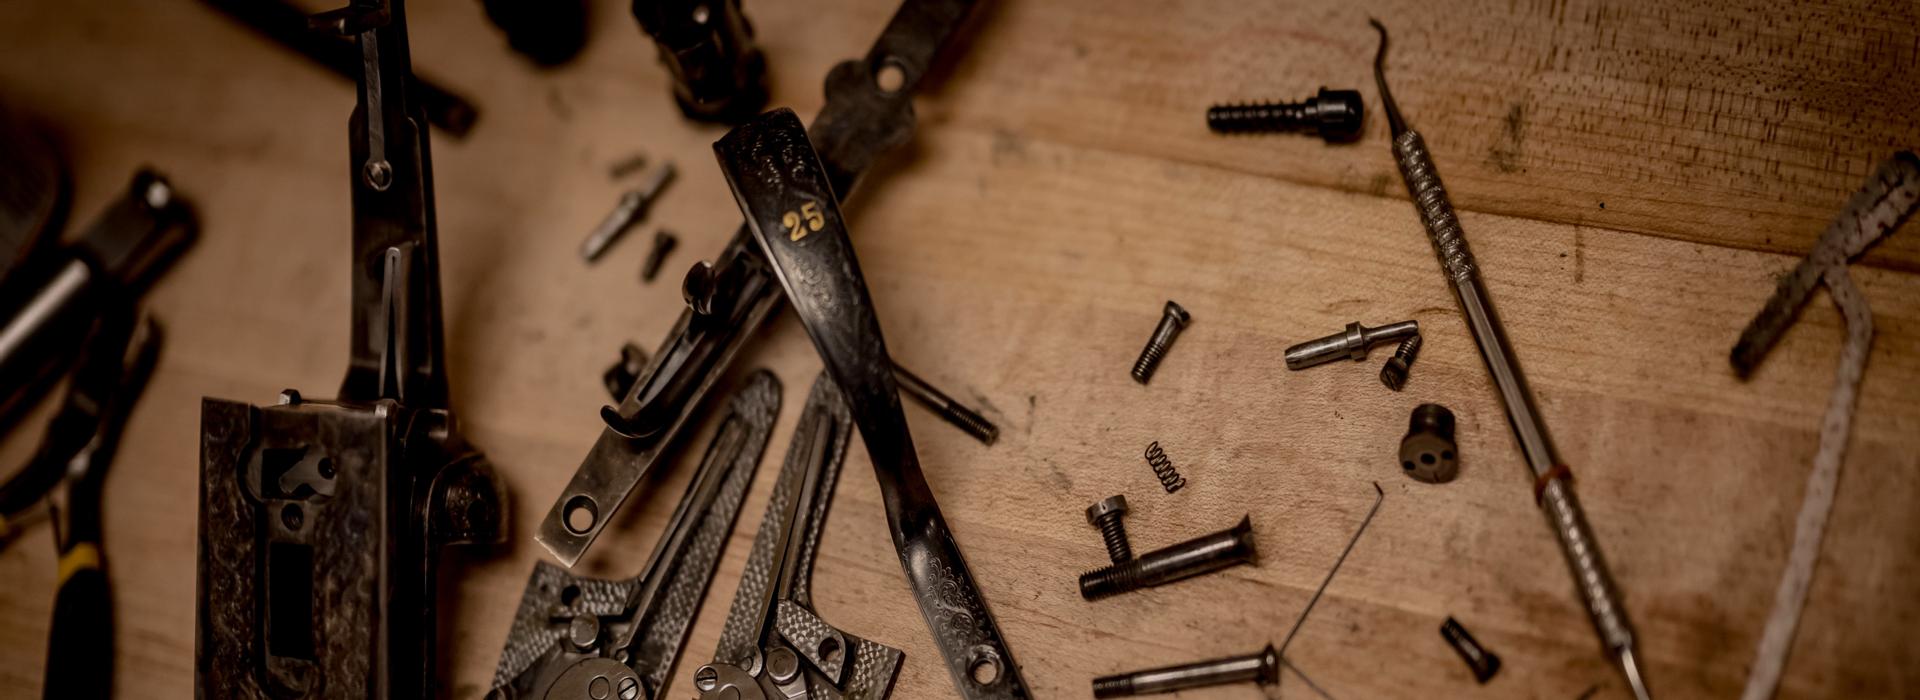 table of gunsmithing tools